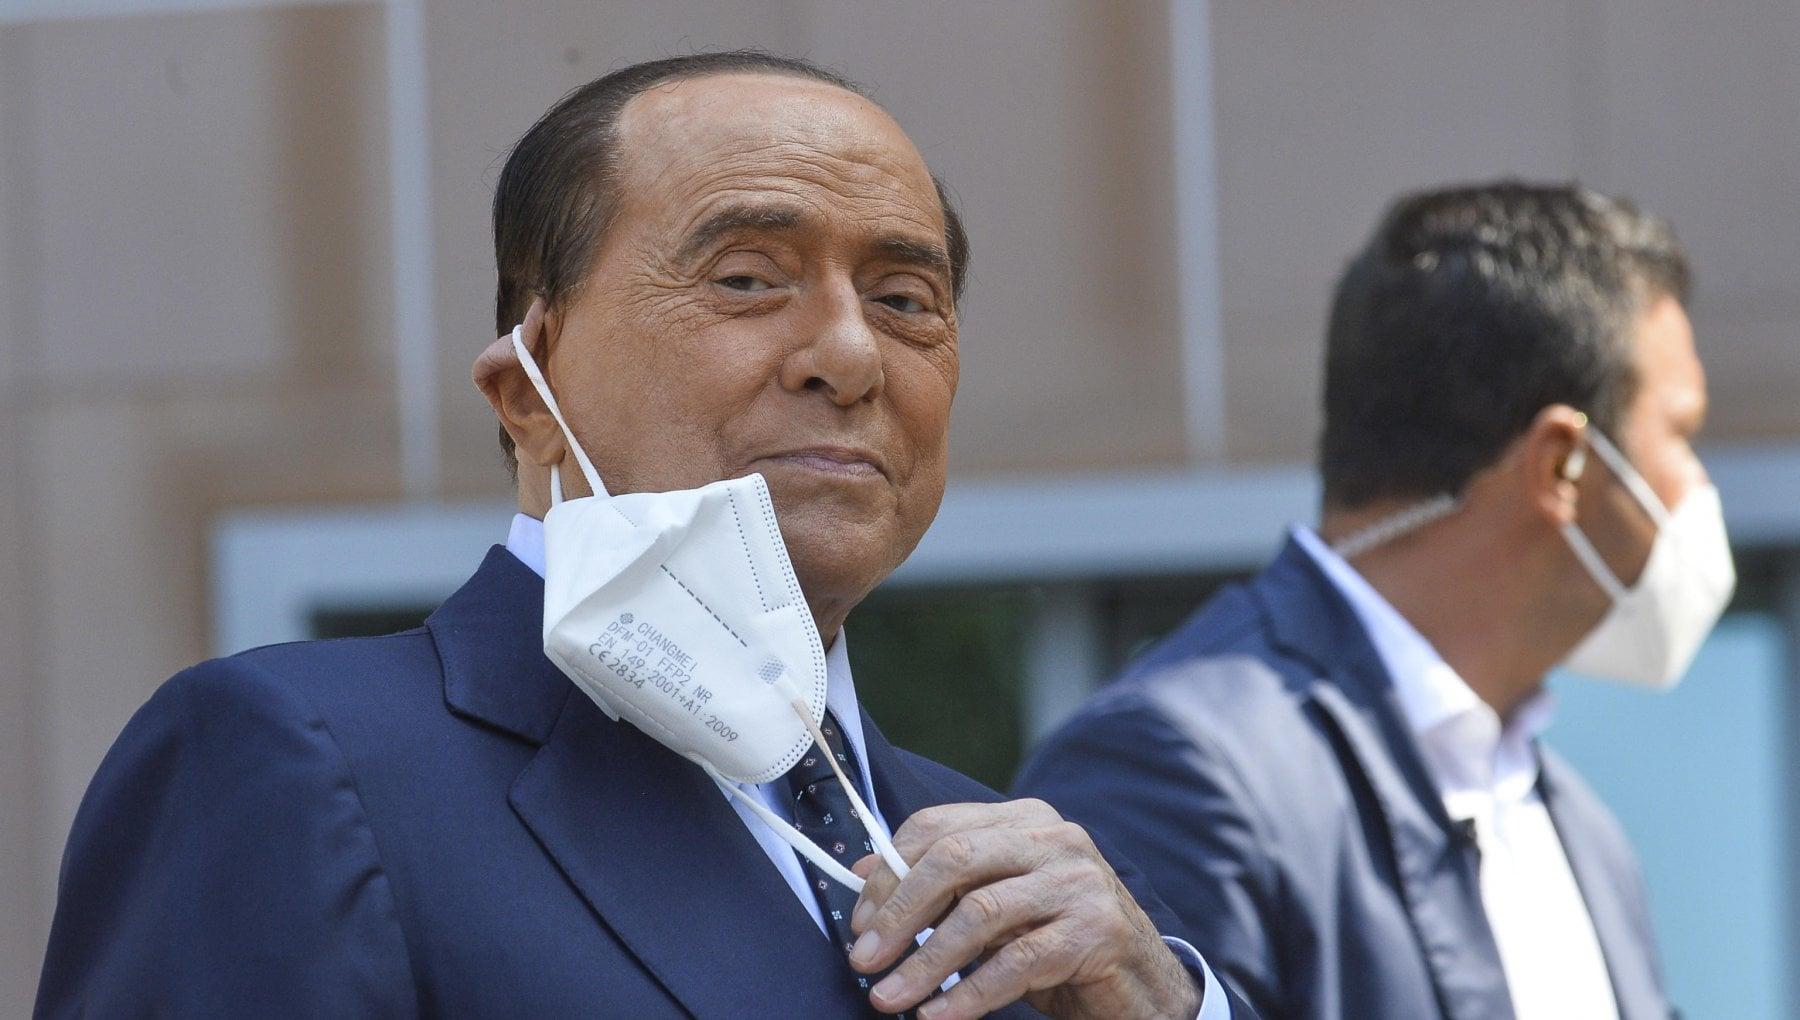 Sul Mes Berlusconi si piega a Salvini. Forza Italia votera No ma cresce linsofferenza tra gli azzurri